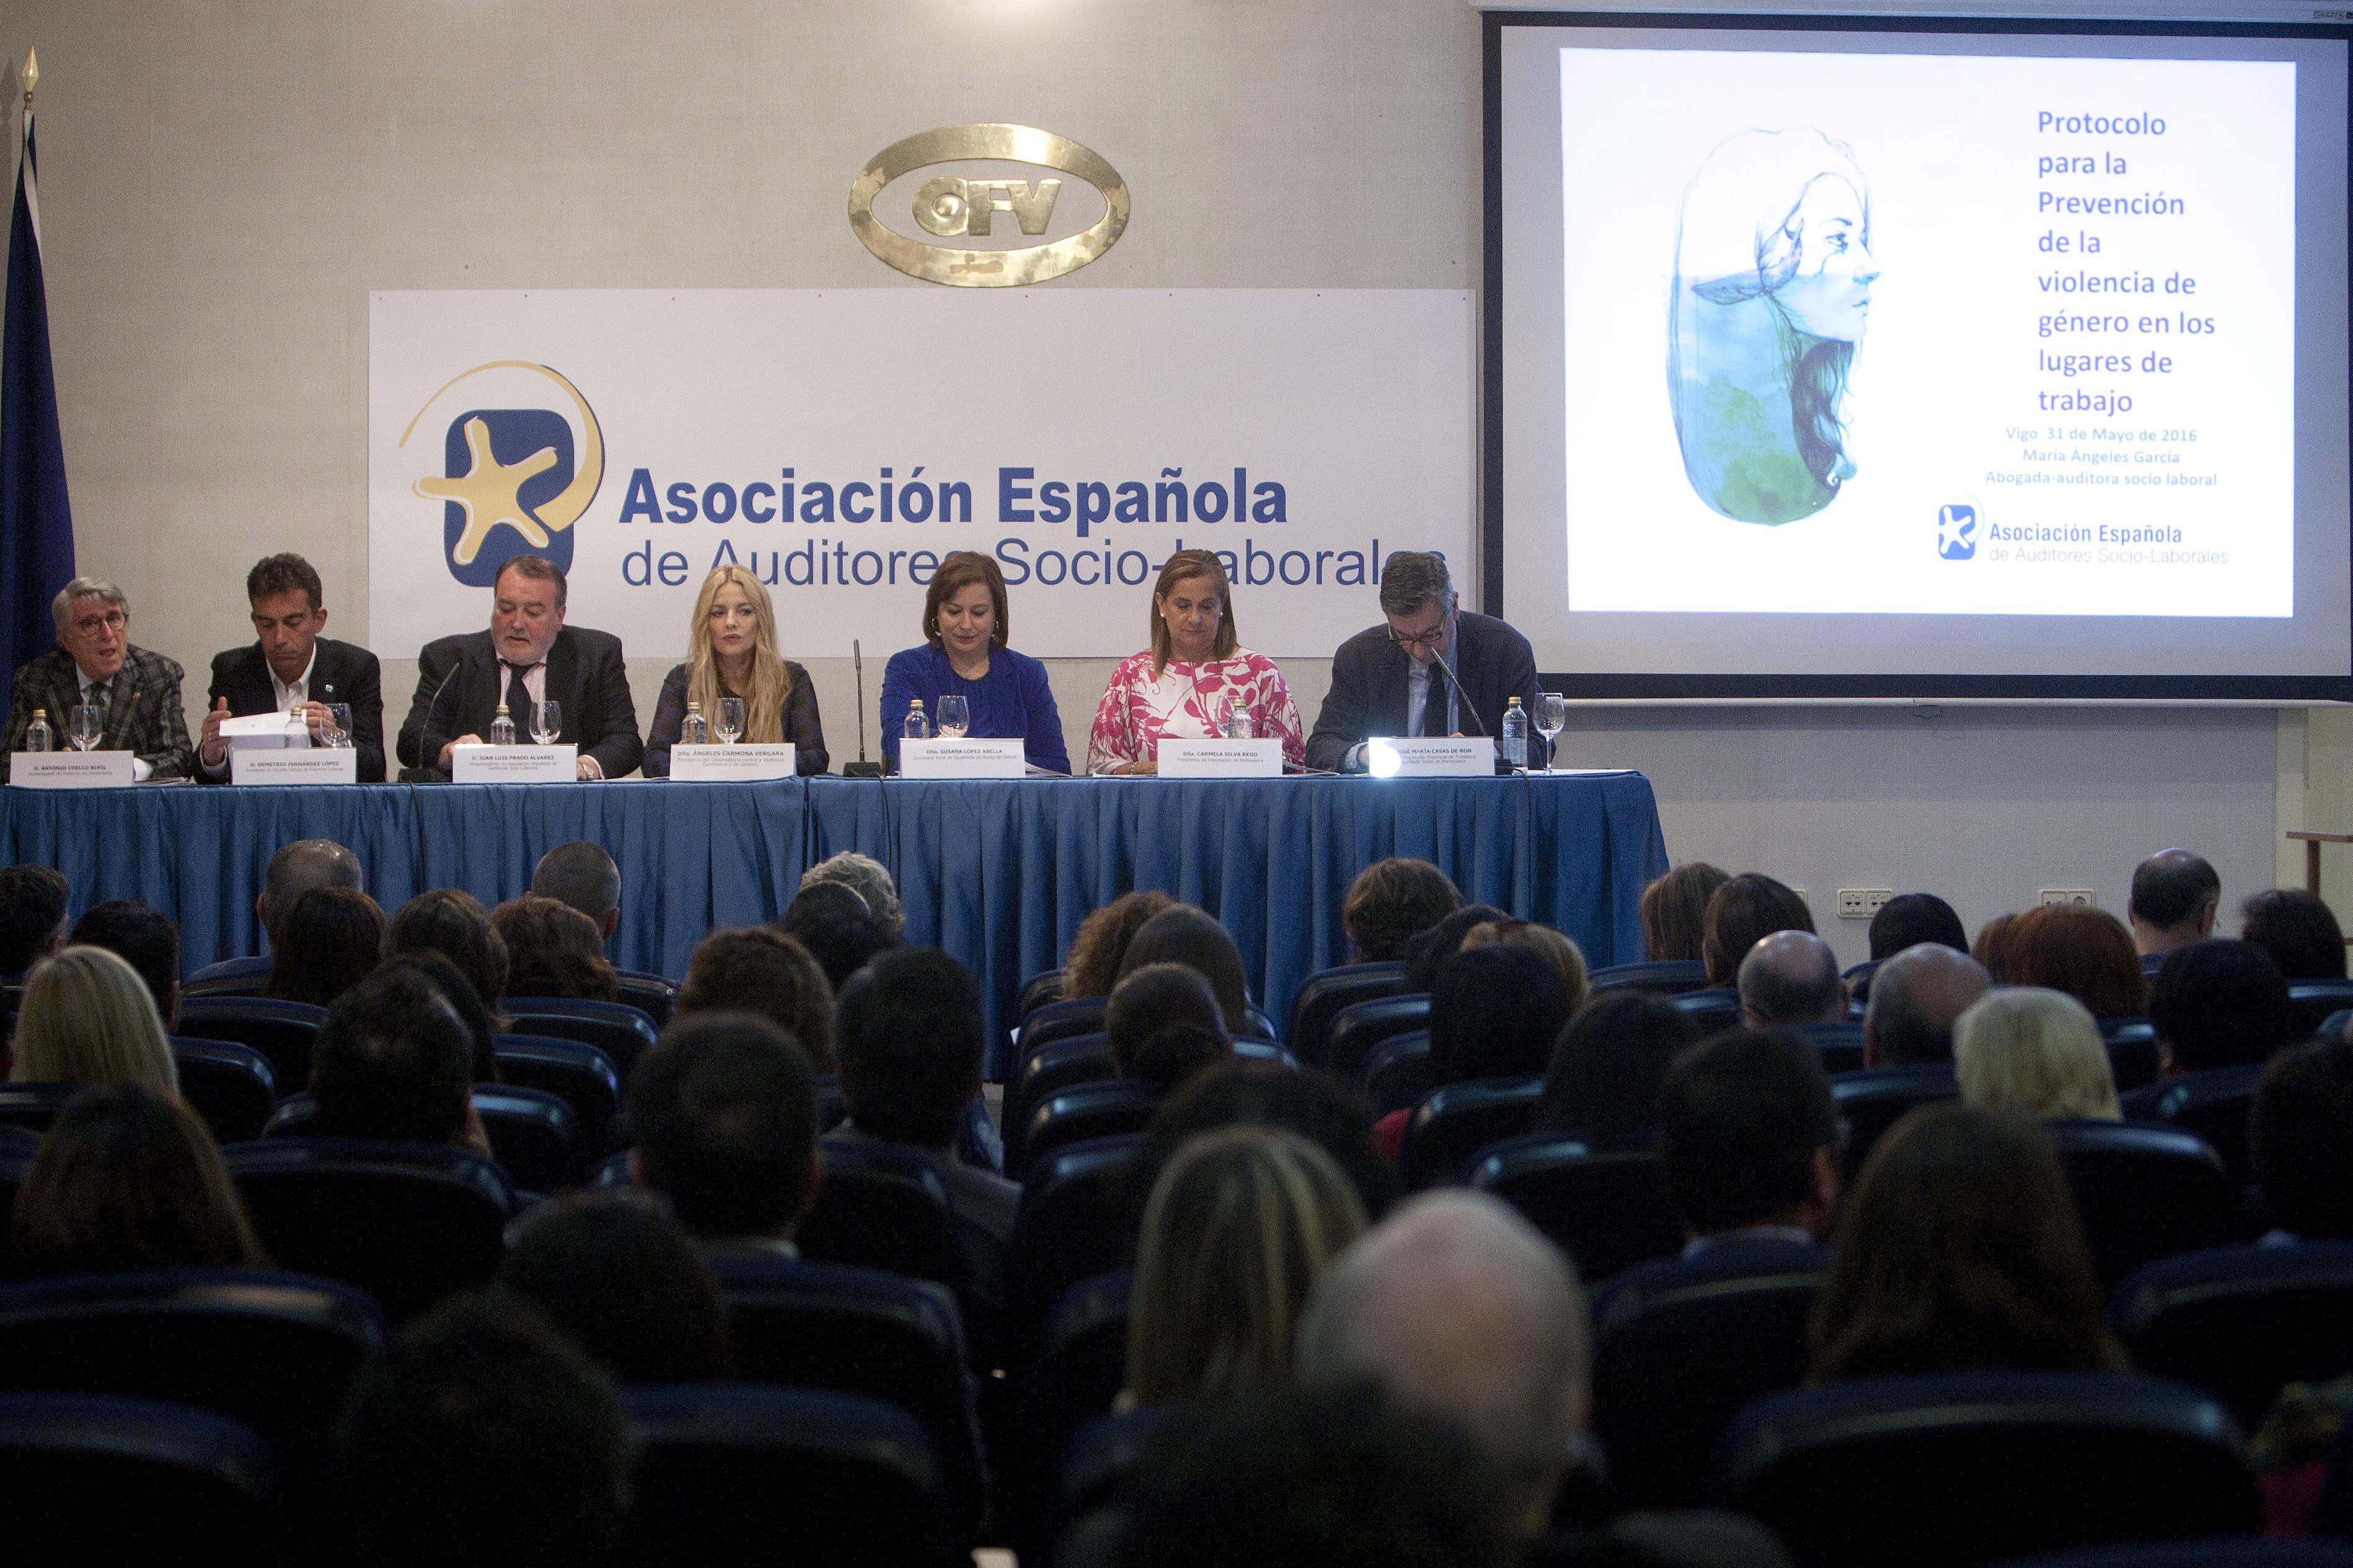 Momento de la presentación, que tuvo lugar ayer en el Club Financiero vigo.